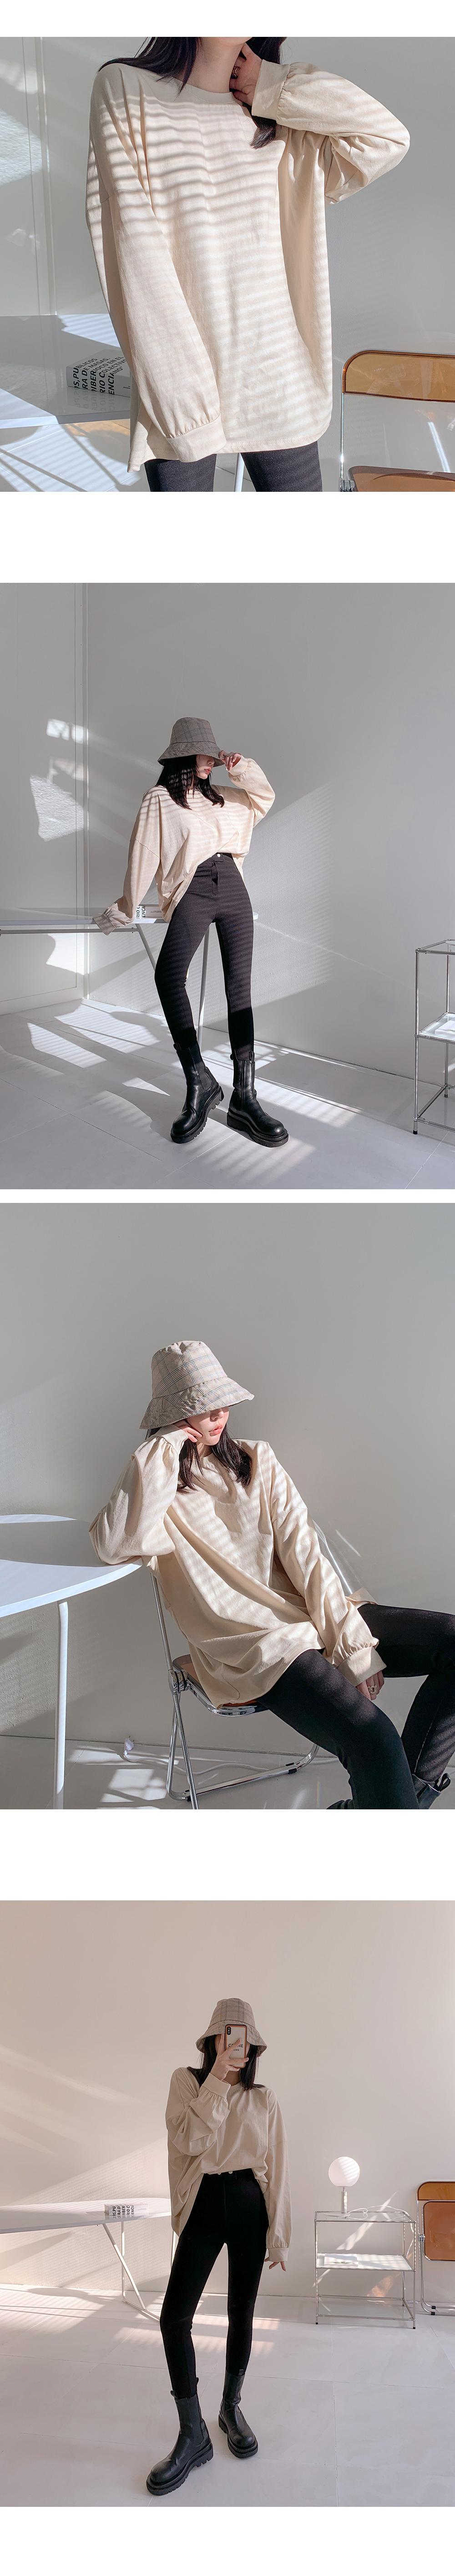 악세사리 모델 착용 이미지-S2L4